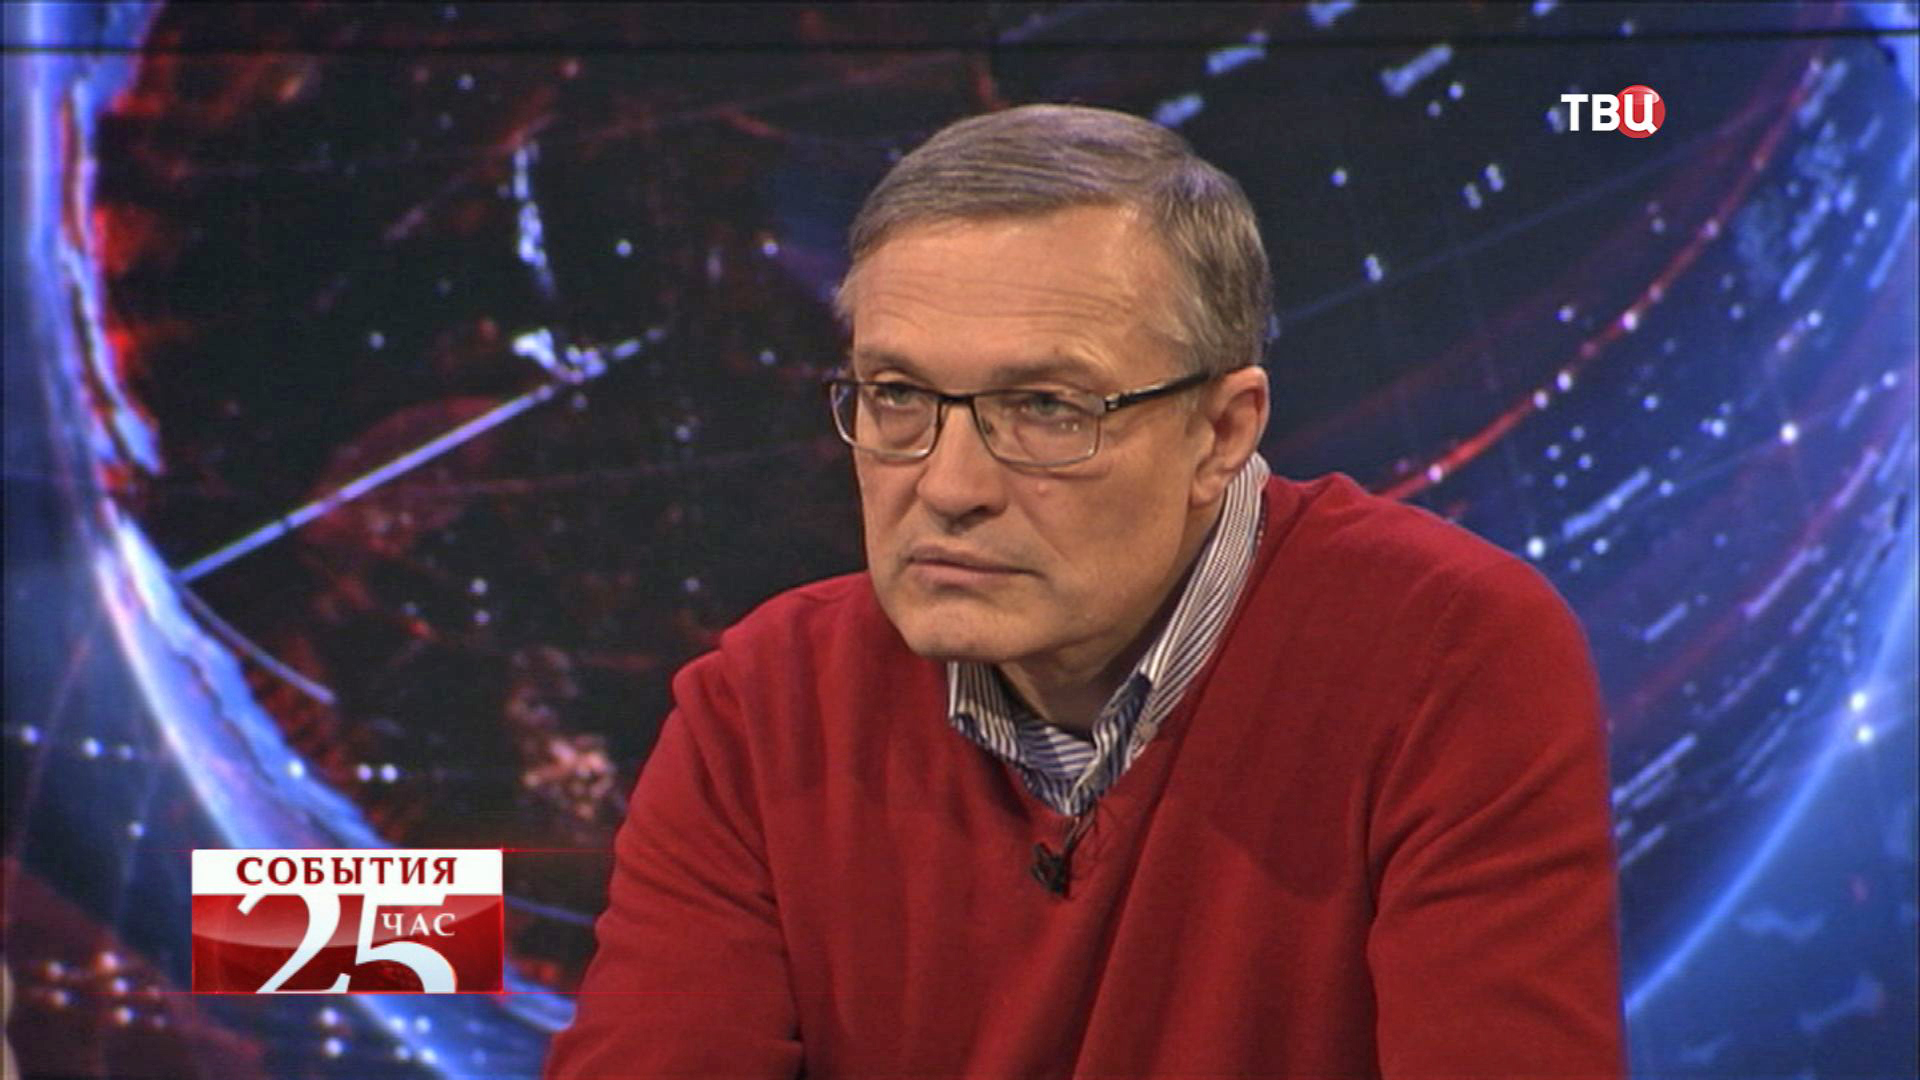 Андрей Колганов, доктор экономических наук, ведущий научный сотрудник экономического факультета МГУ им. Ломоносова